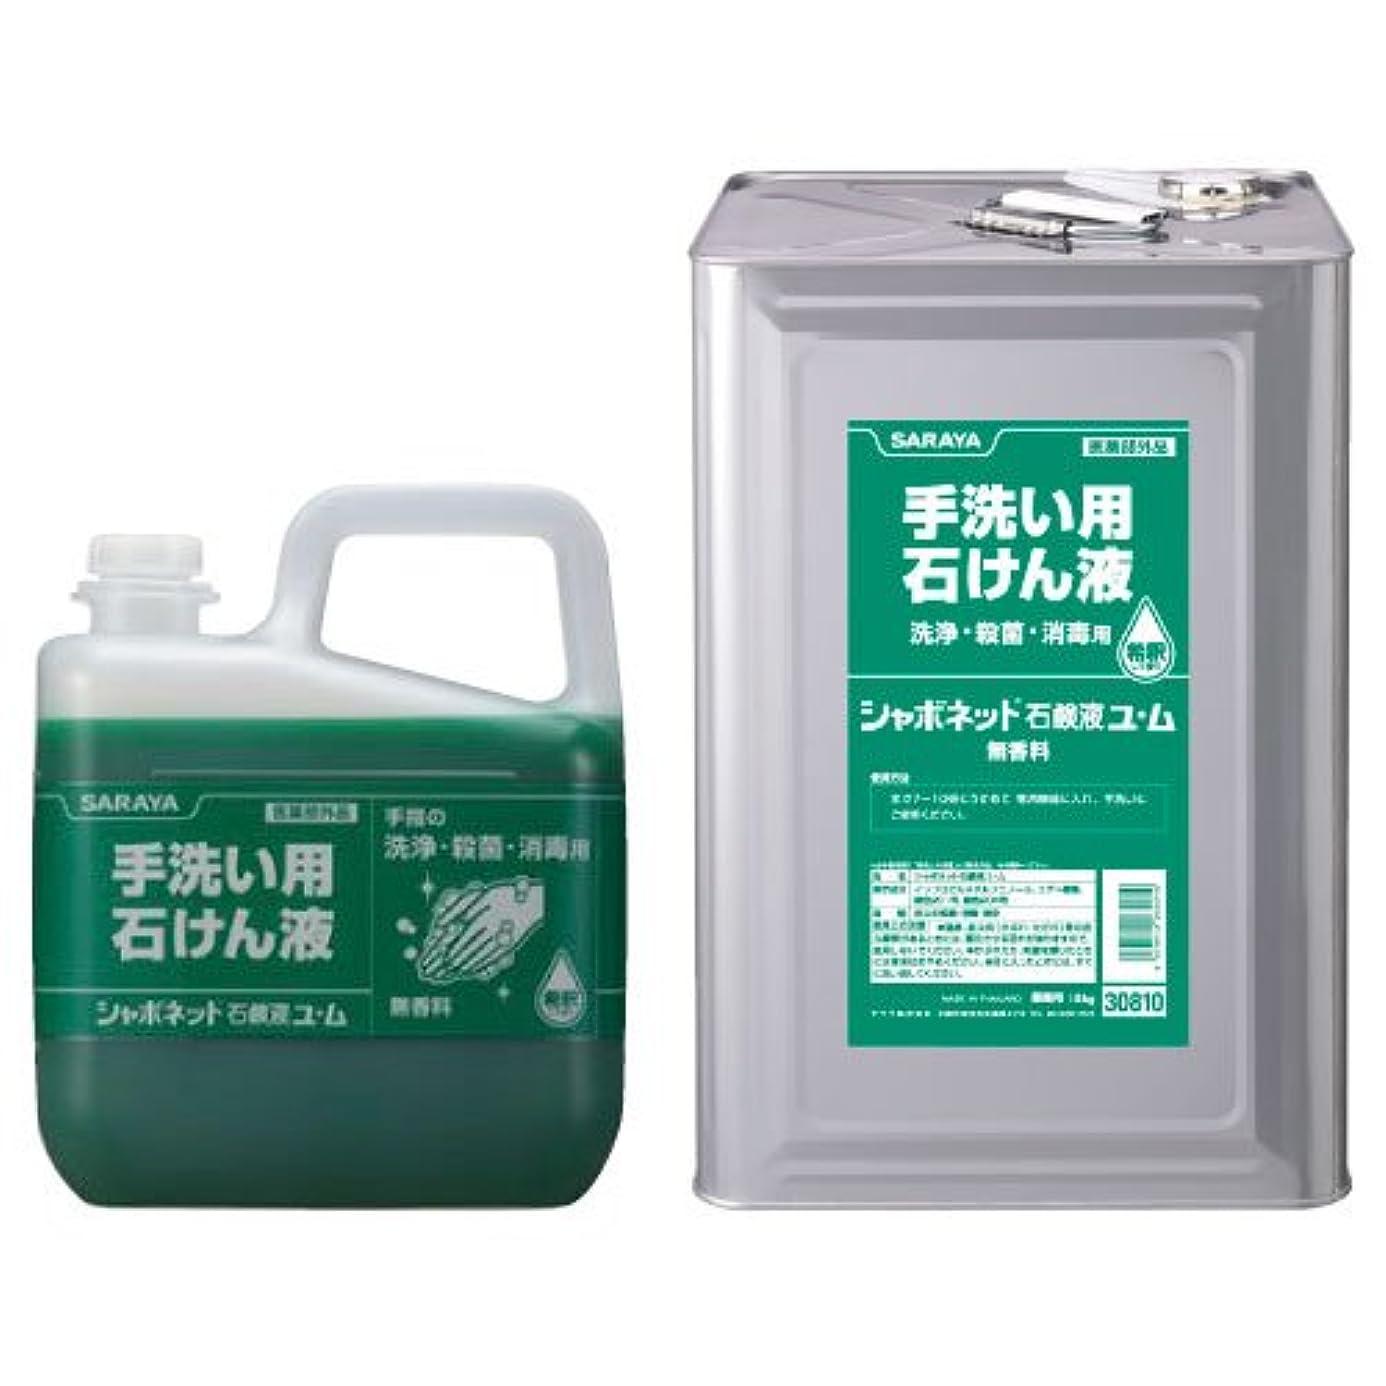 パッケージエンドテーブルグレードサラヤ シャボネット 石鹸液 ユ?ム 1kg×12点セット (4987696232020)